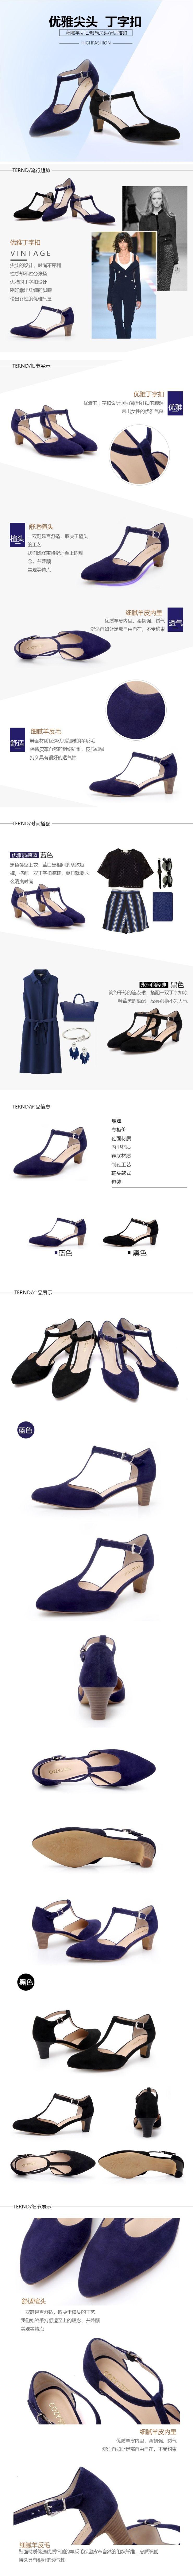 清新简约百货零售鞋子高跟鞋丁字扣凉鞋促销电商详情页